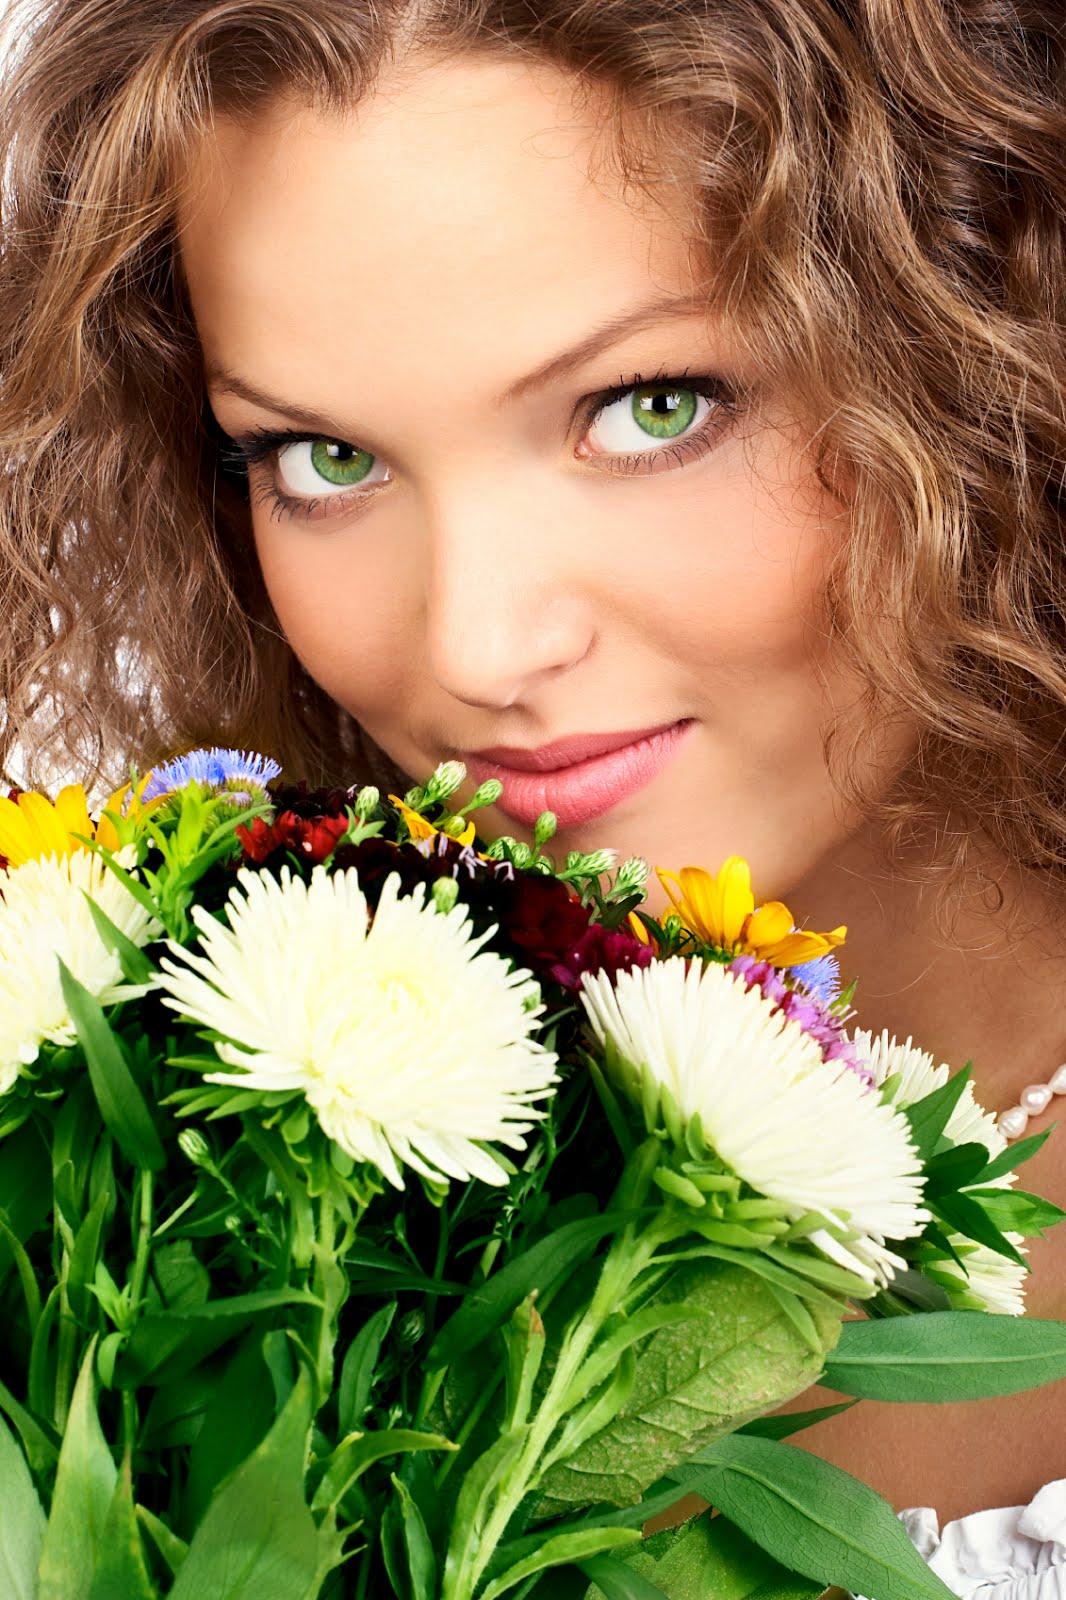 http://3.bp.blogspot.com/-cTvu0Vg0mOE/T4L0tiFQtUI/AAAAAAAACVo/VMmiRARH4QI/s1600/girl-with-flowers-image.jpg